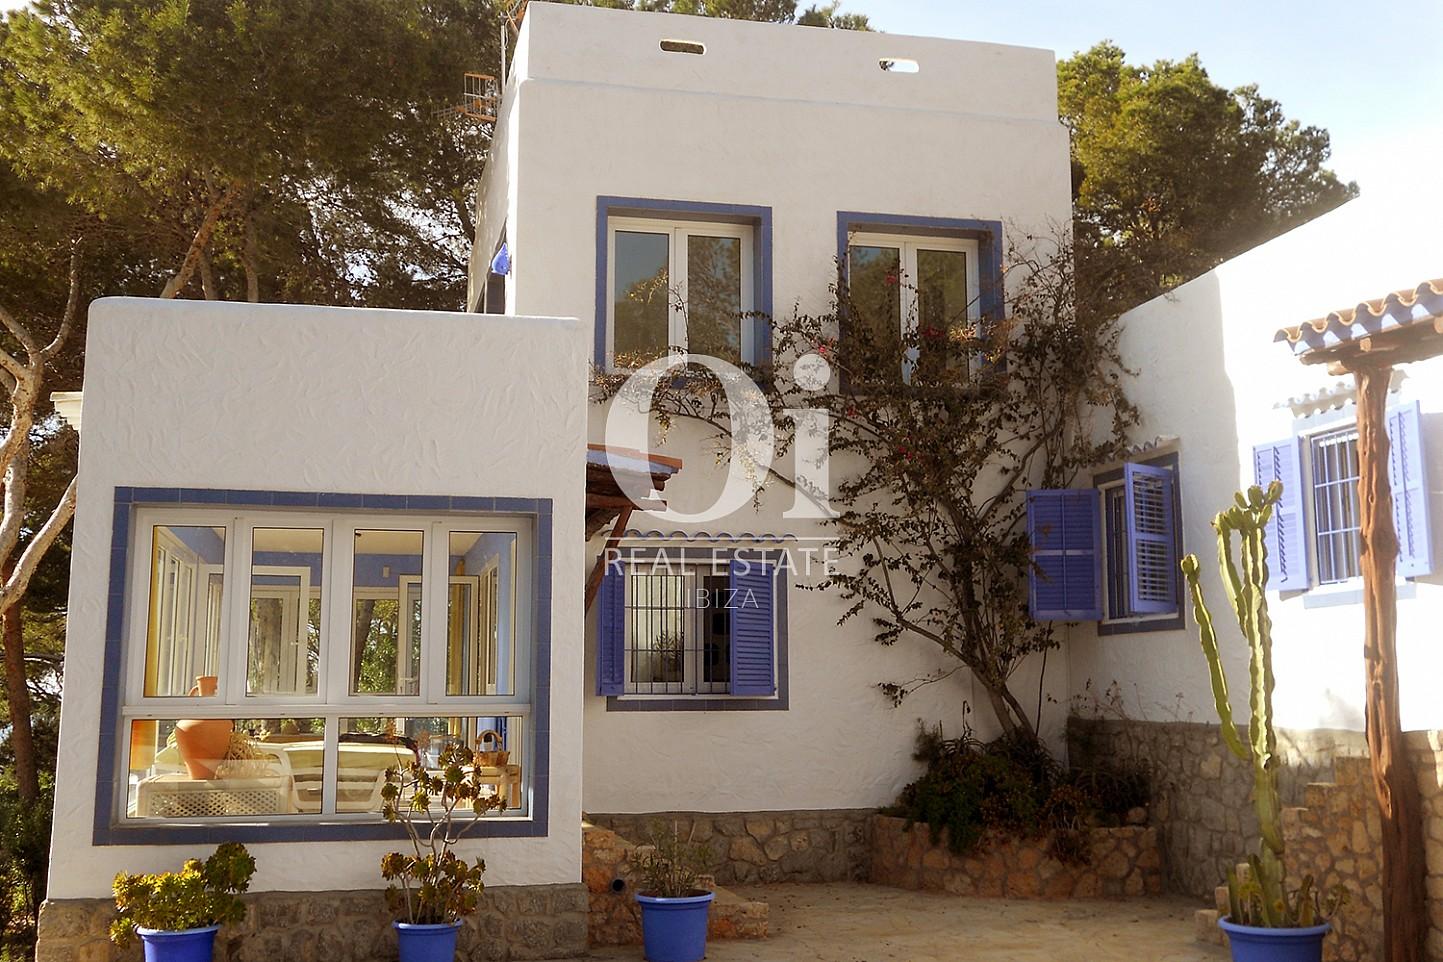 Blick auf die Fassade vom Haus zum Verkauf in Punta Galera, Ibiza